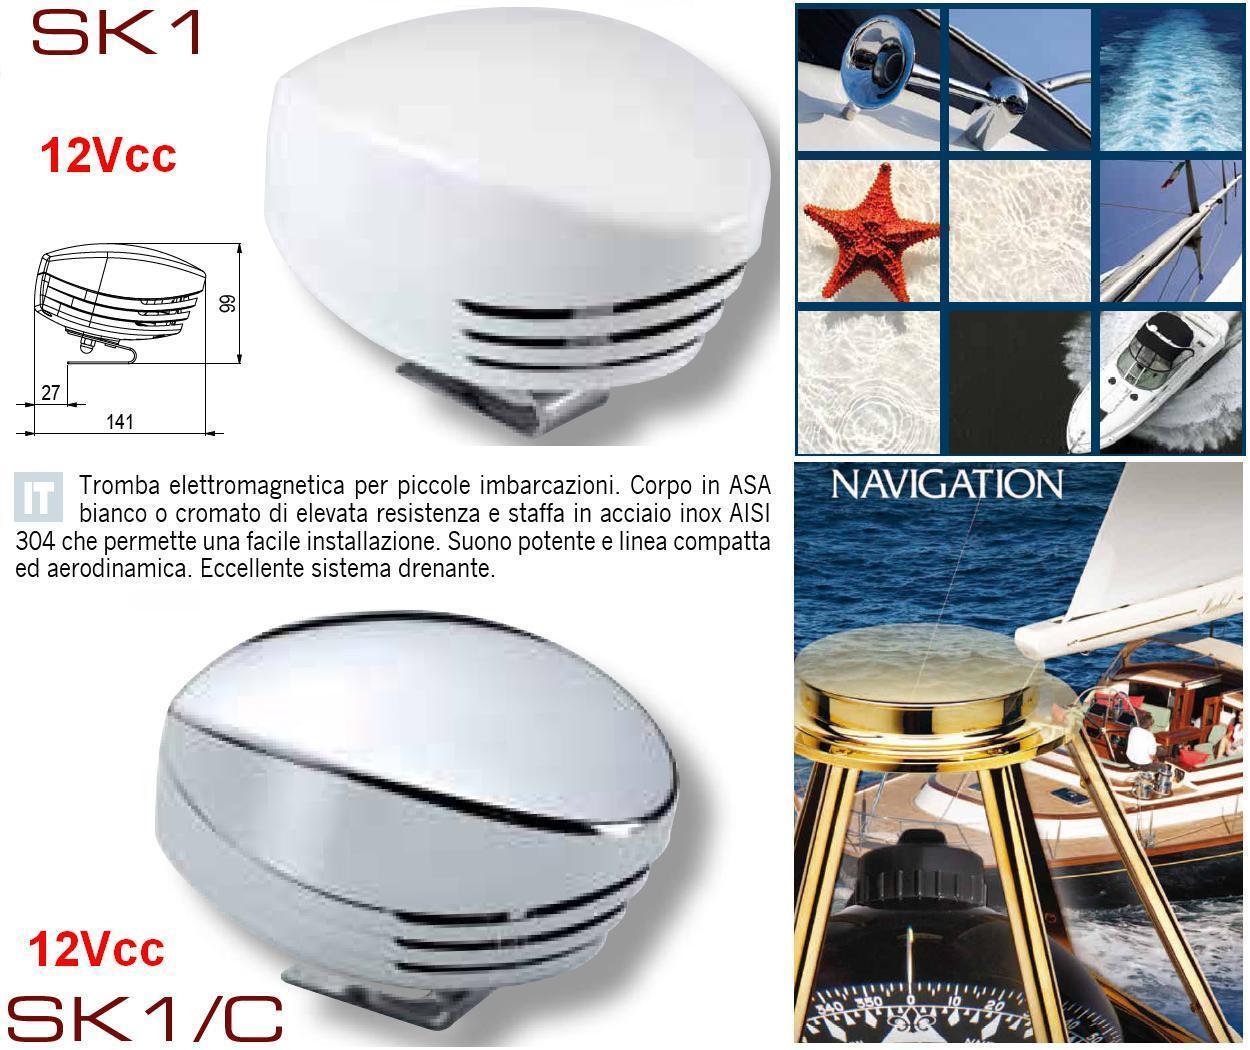 HORN MARINA CORPO in ASA CHROME ELECTROMAGNETIC 12V 108dB BOAT CAMPER SK1 C